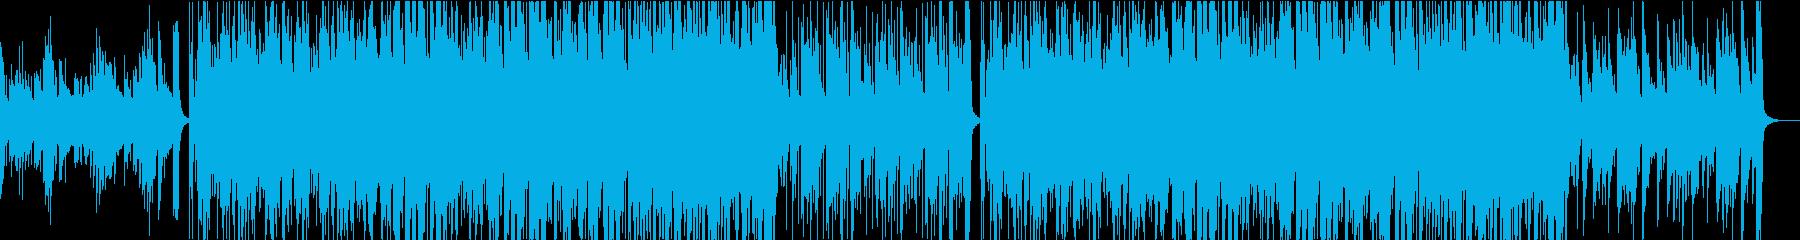 プロフィールビデオ等に 感動的なピアノの再生済みの波形